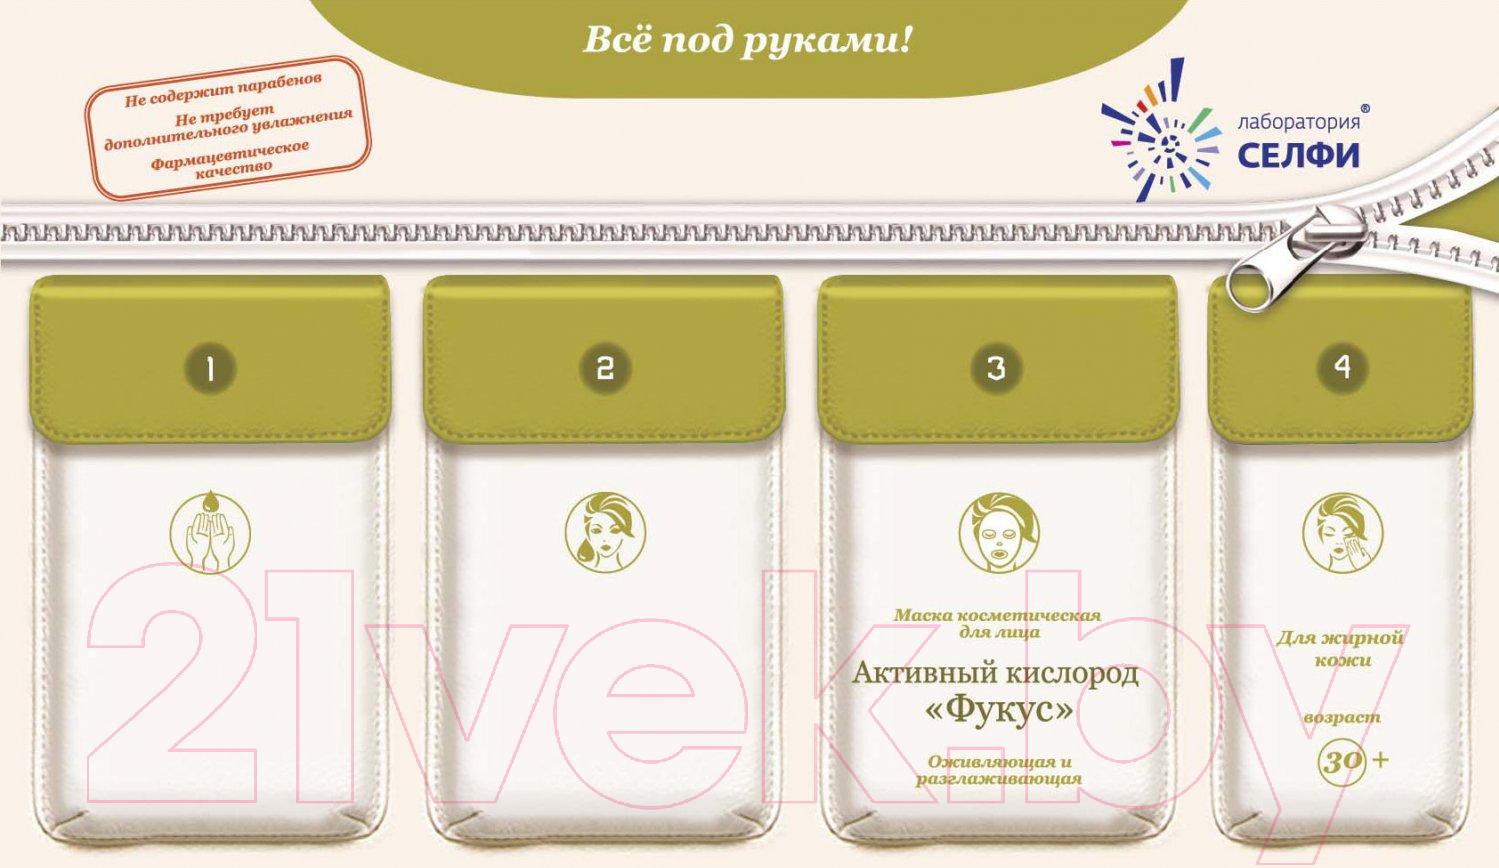 Купить Набор косметики для лица SelfieLab, Активный кислород Фукус для жирной кожи 30+, Беларусь